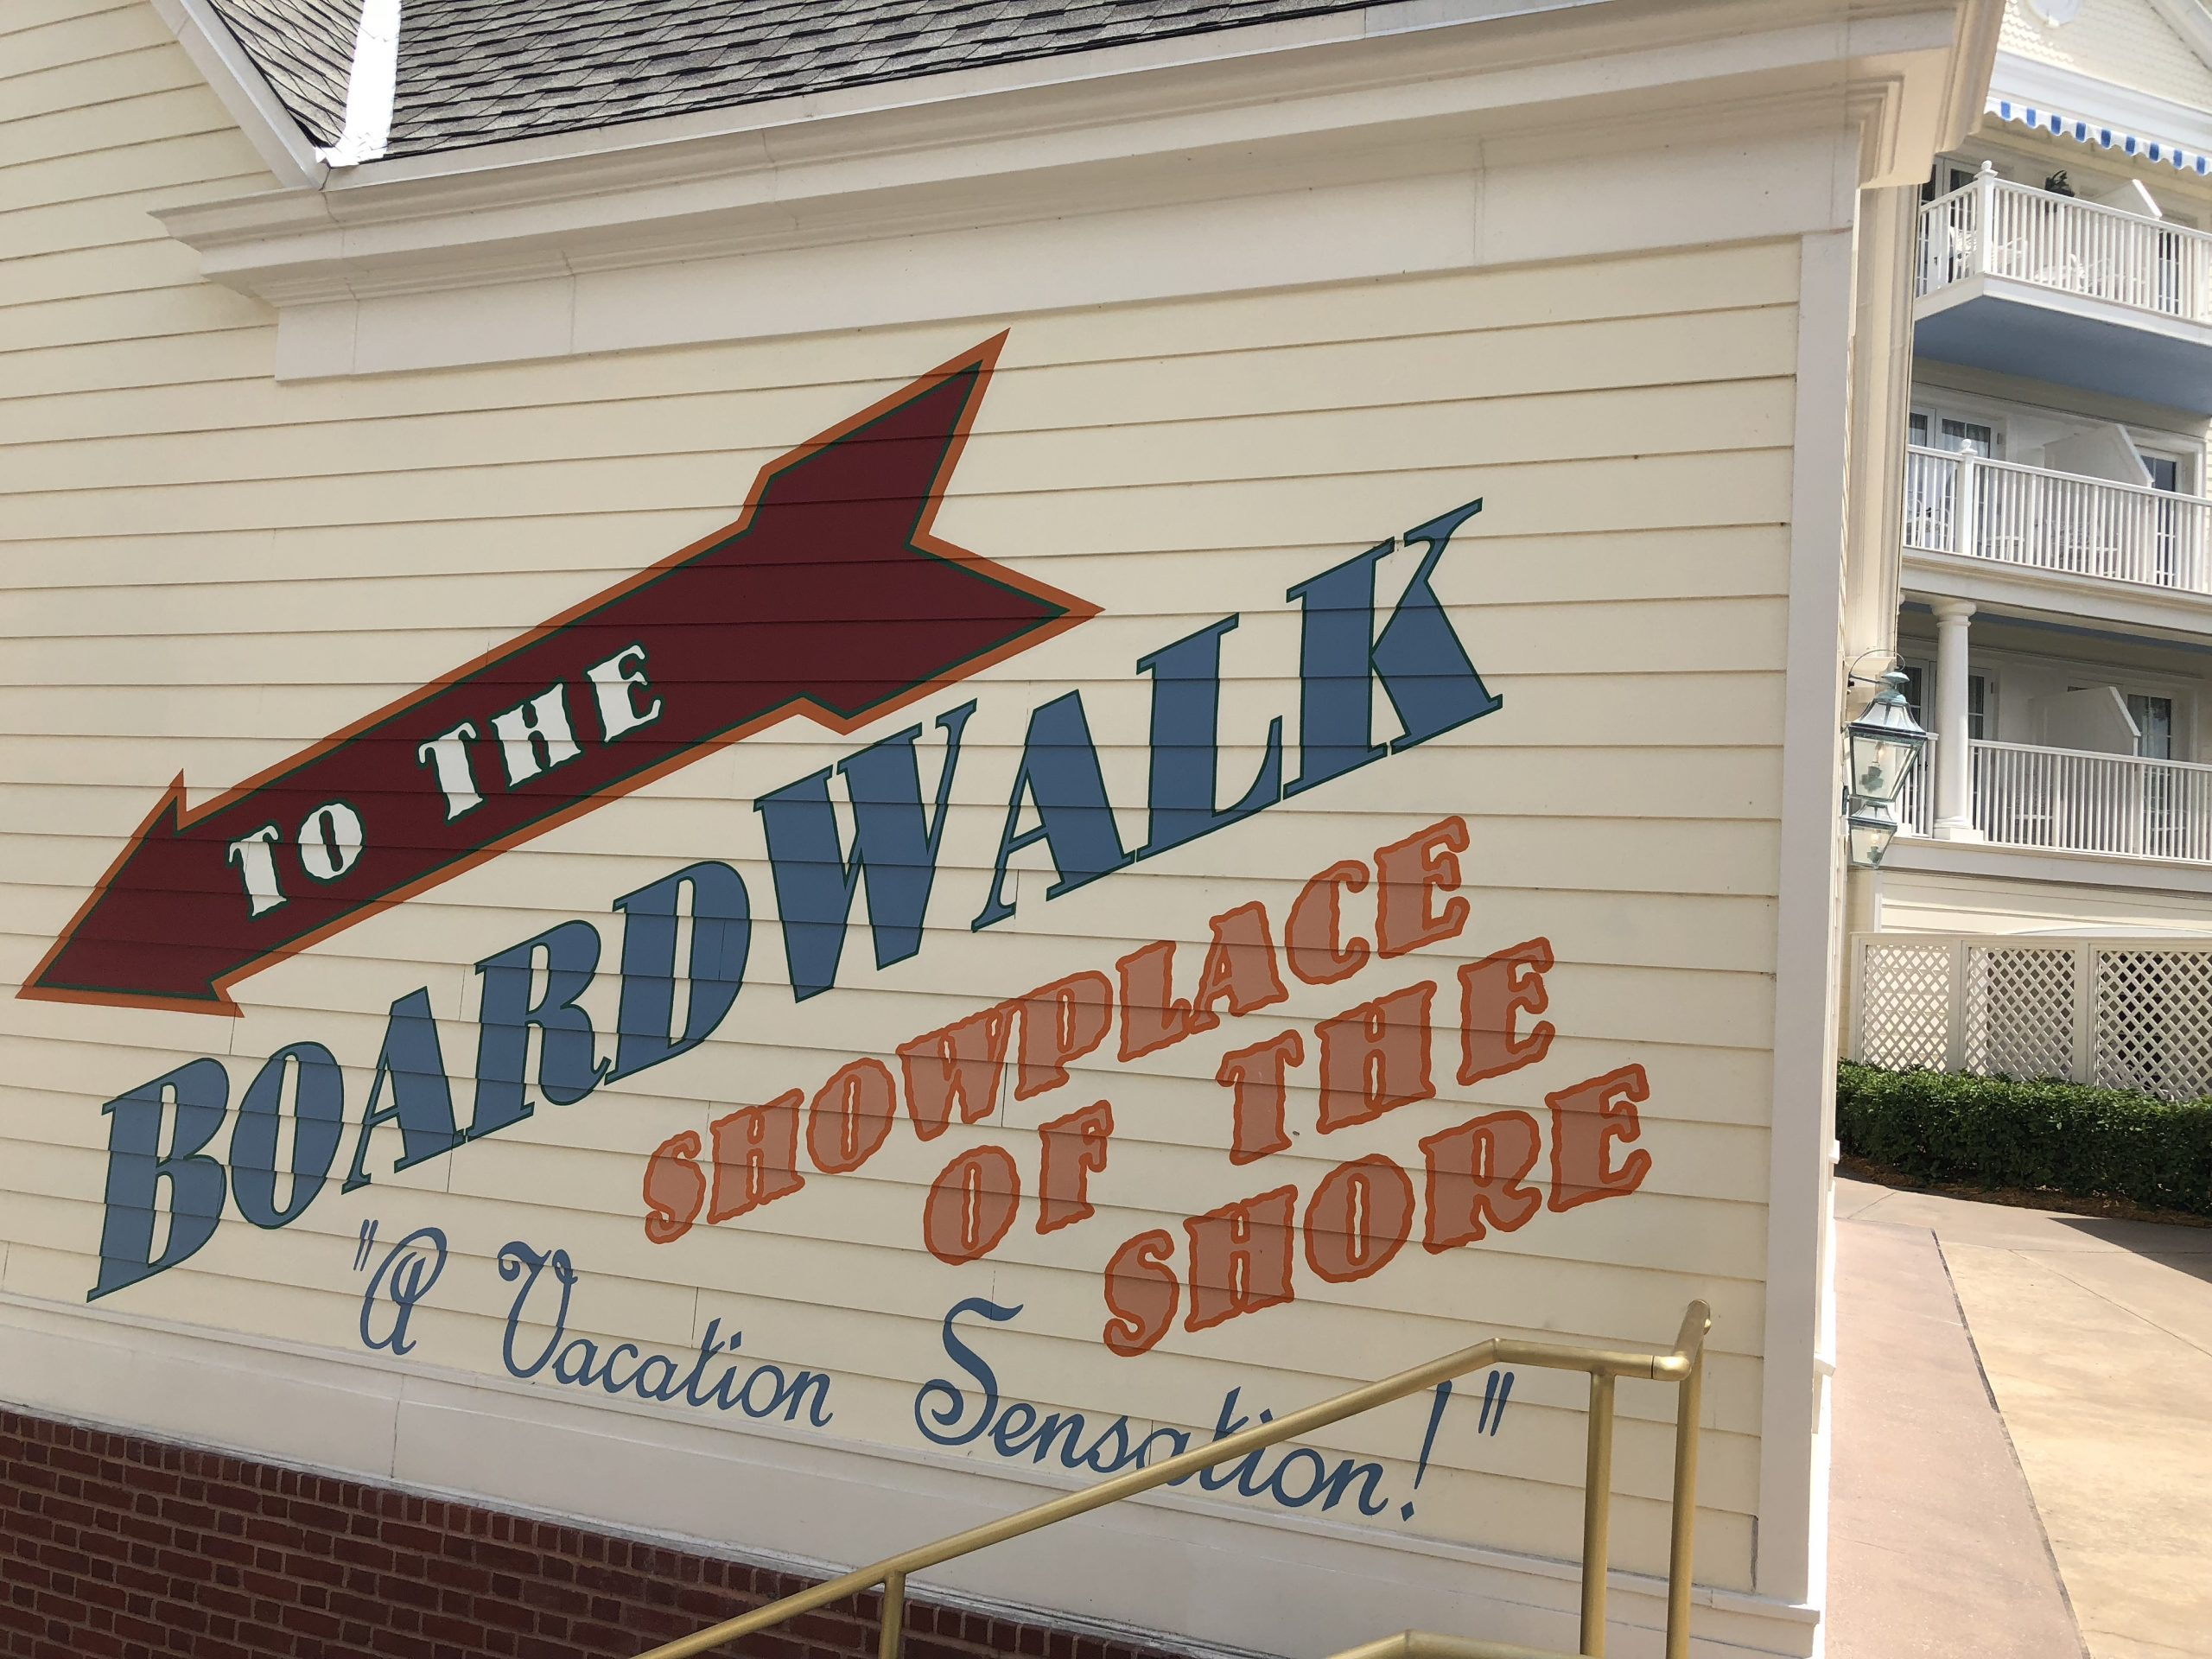 disney-boardwalk